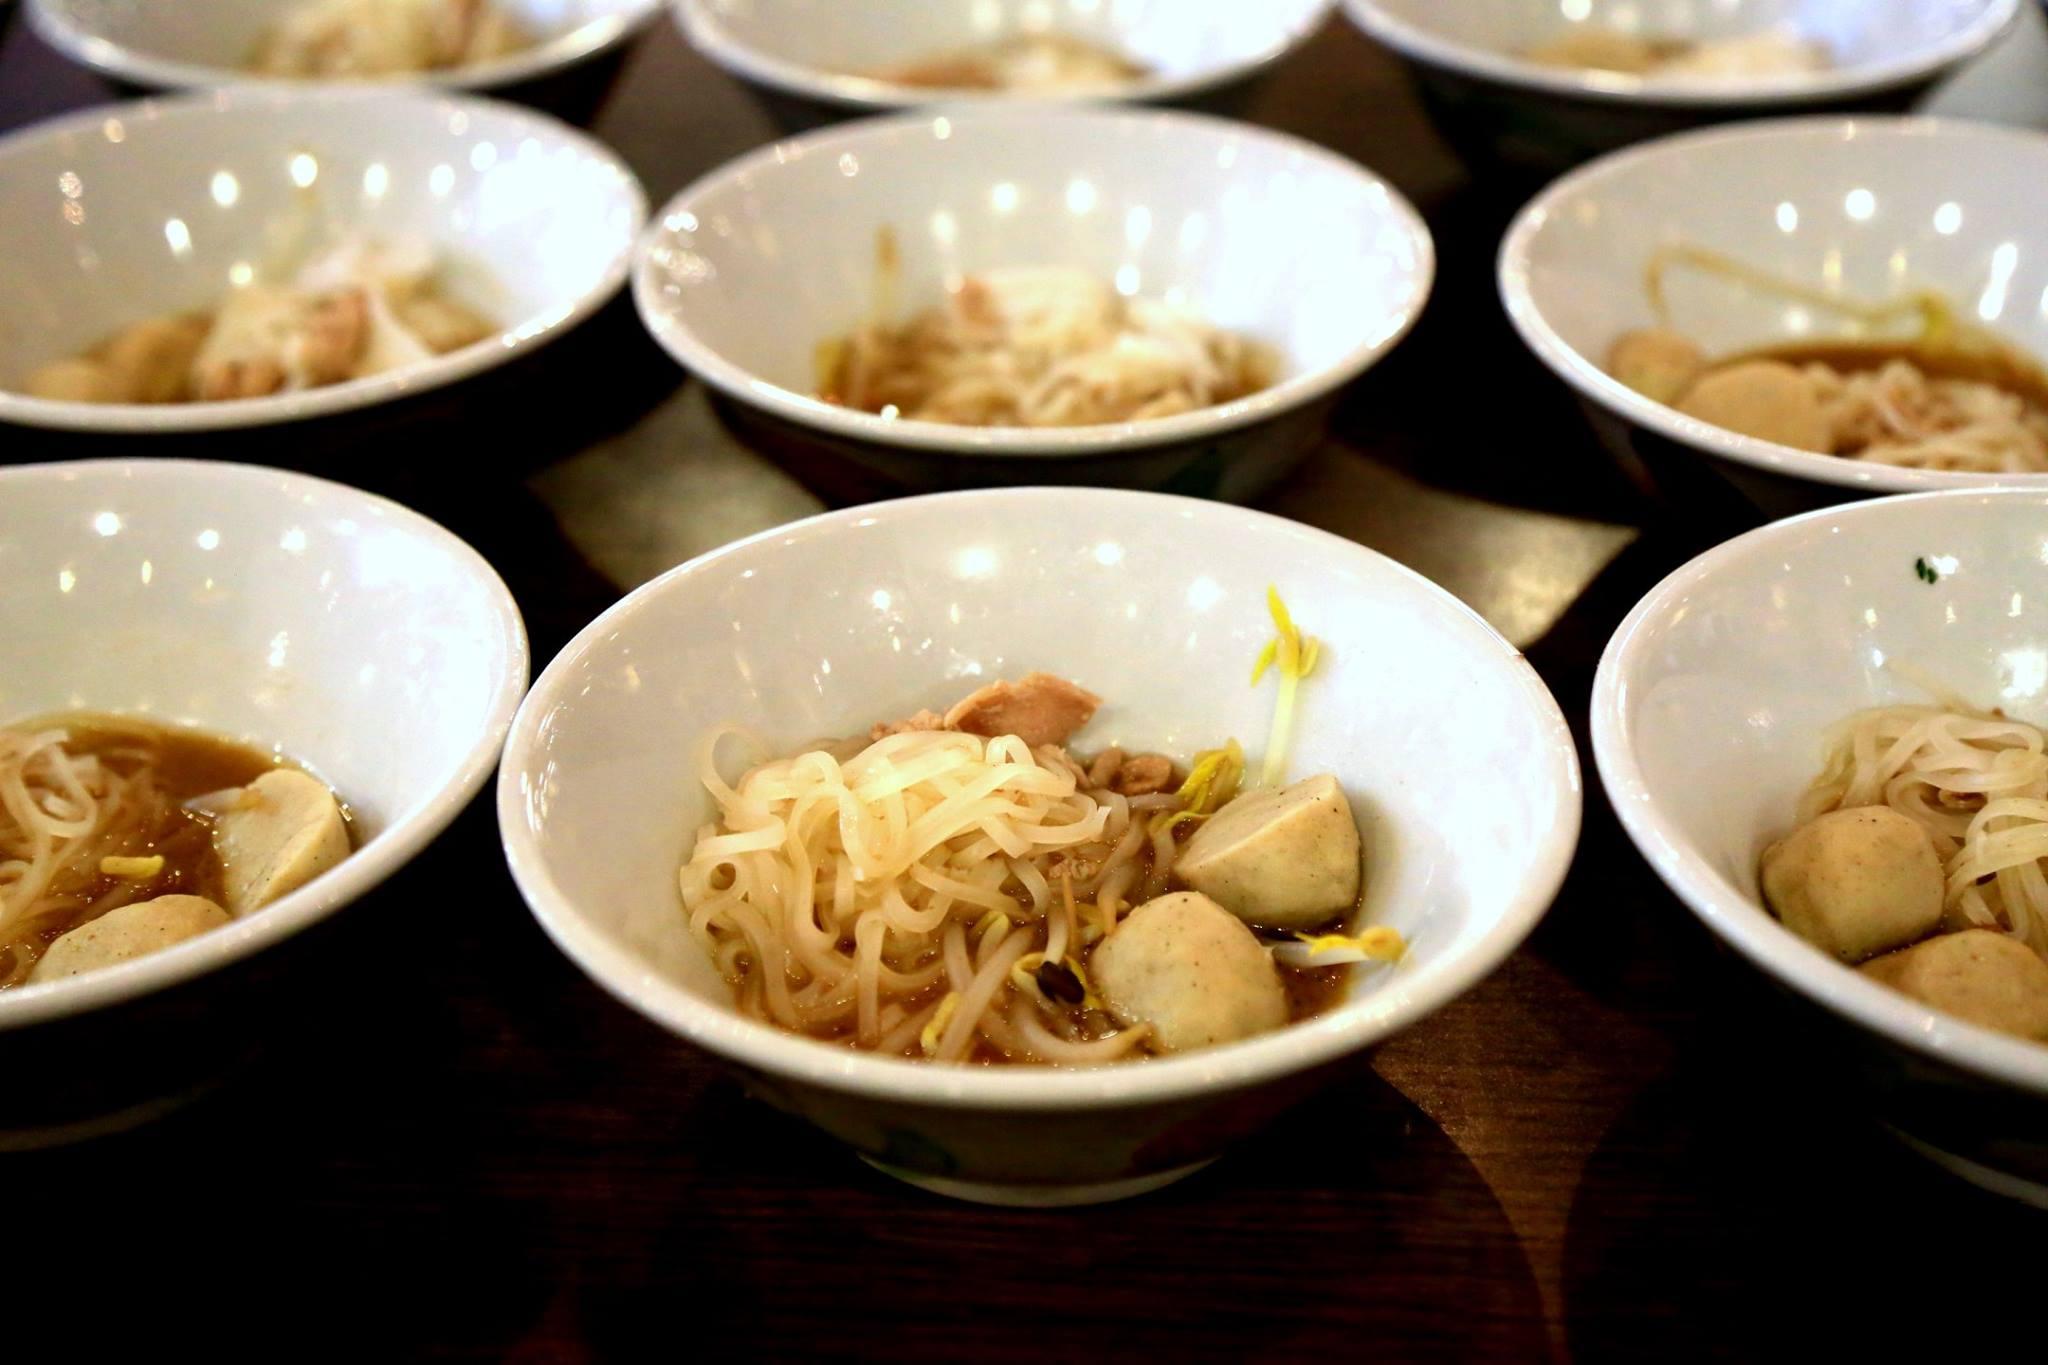 タイ料理が$1から食べられる超リーズナブルなレストランを発見!